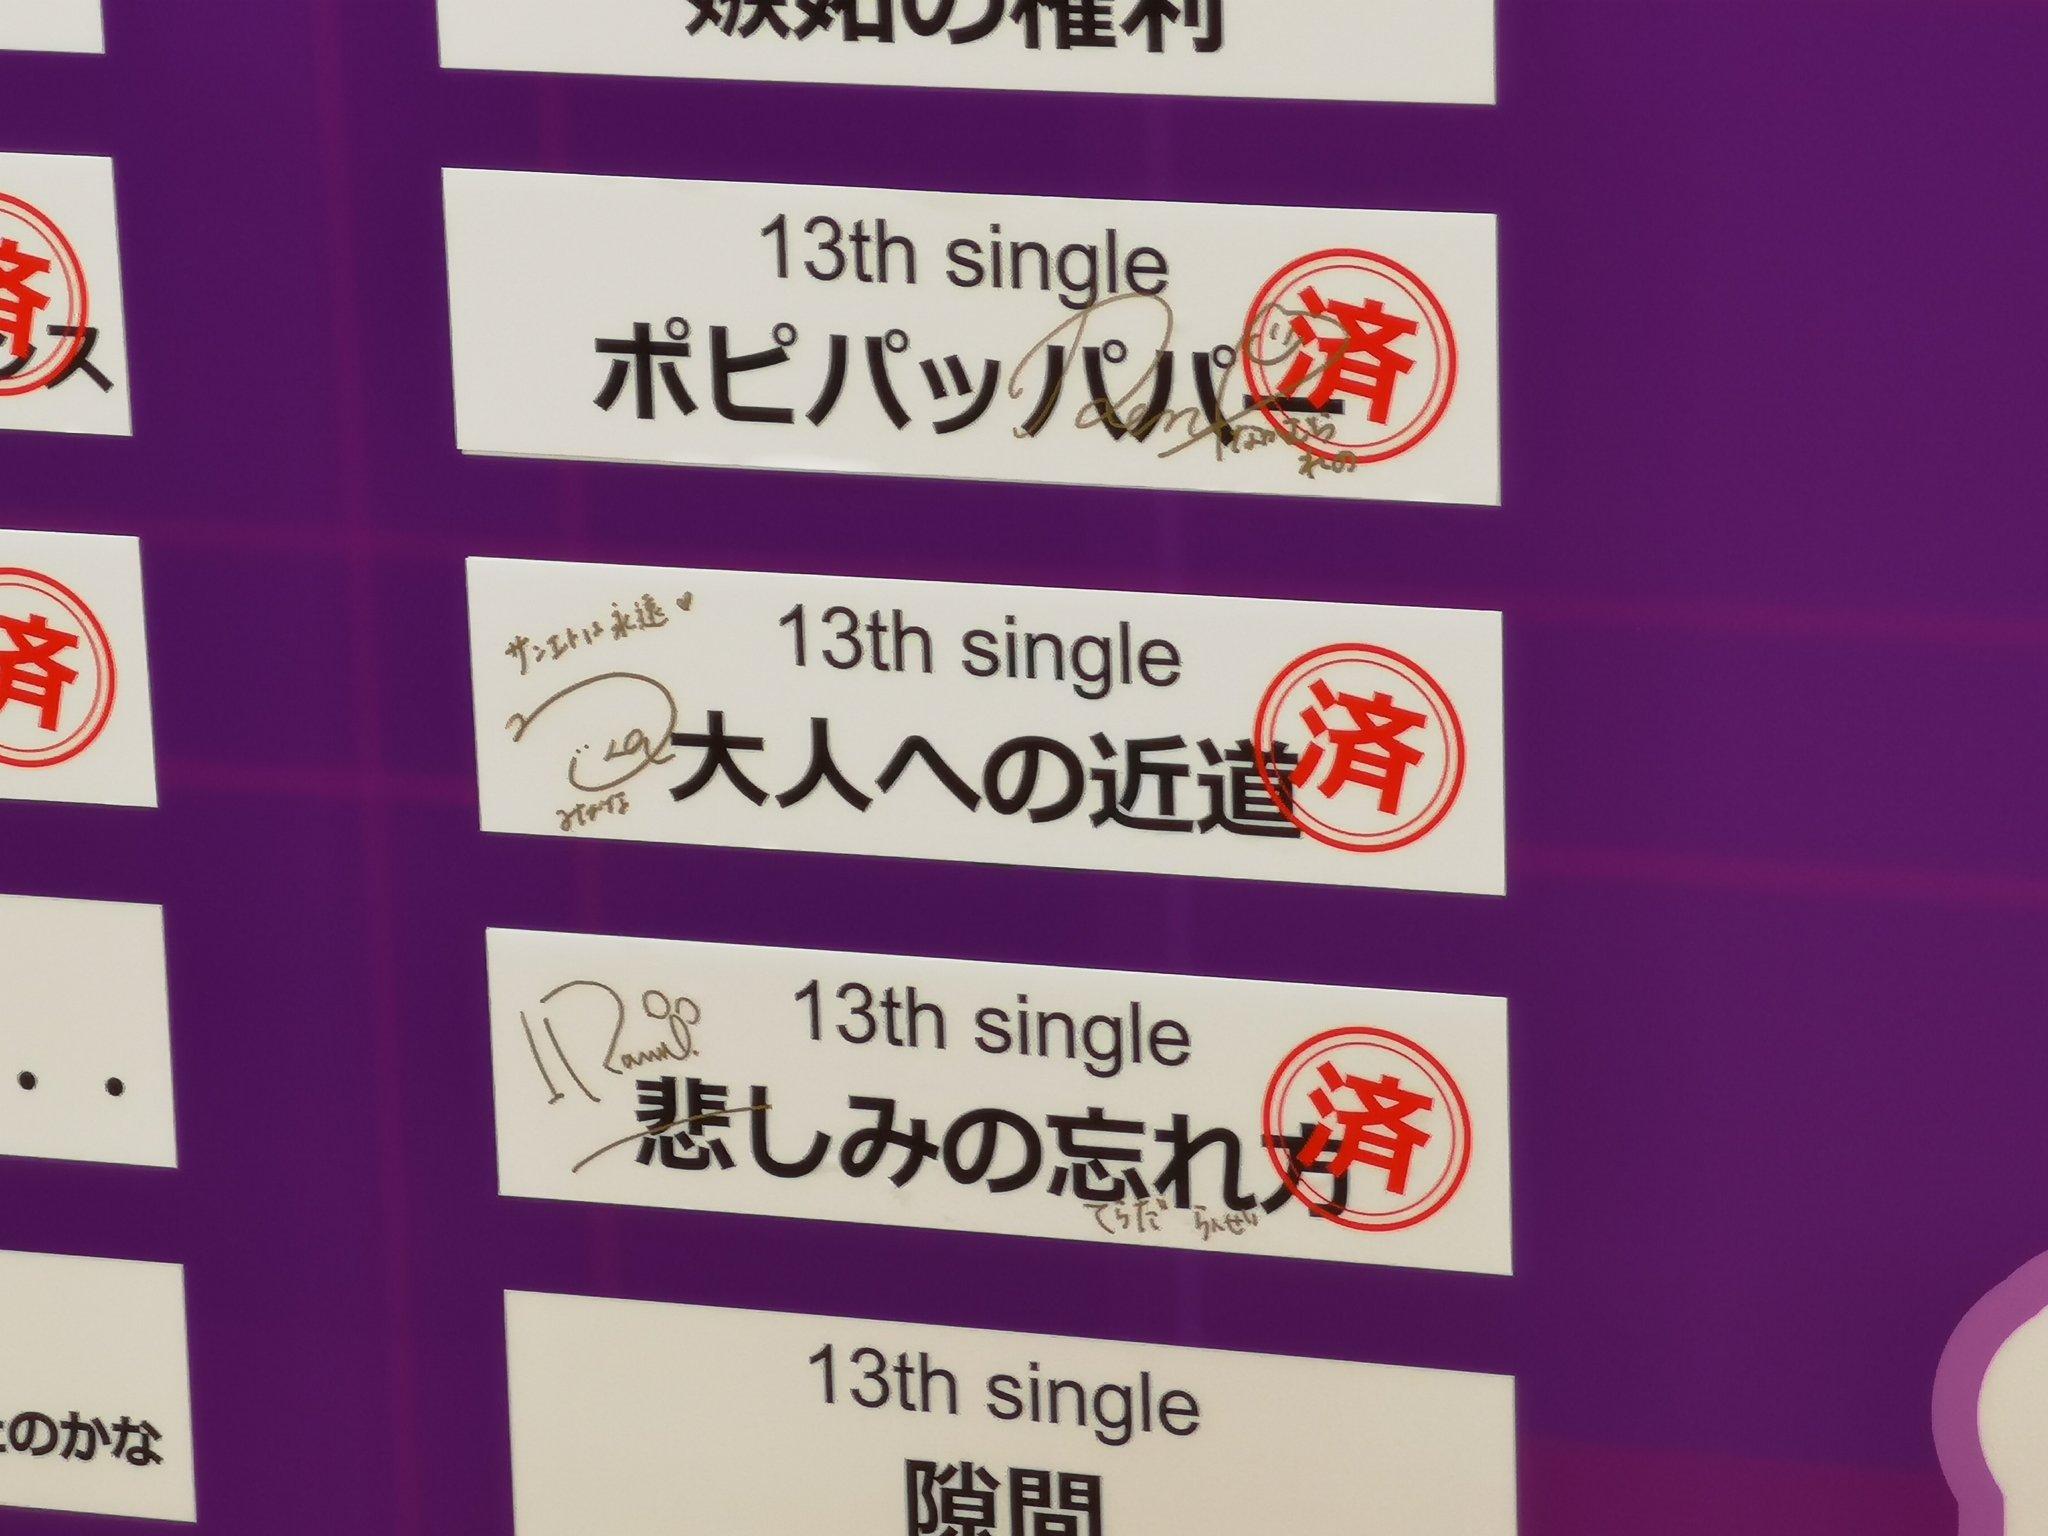 【乃木坂46 7thバスラ】堀未央奈「サンエトは永遠」 と『大人への近道』にサイン